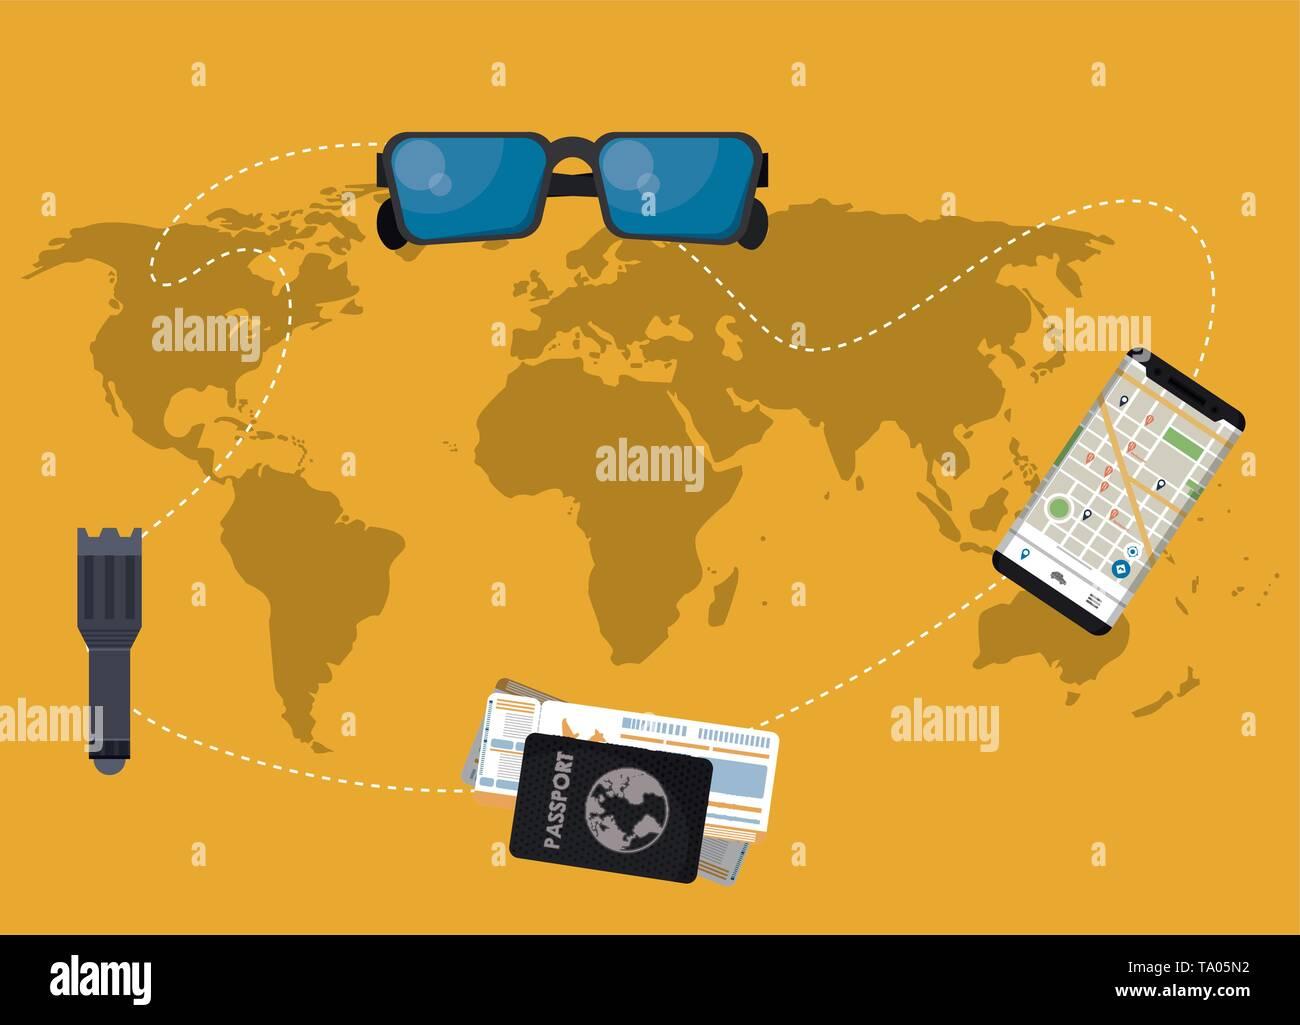 Travel elements on world map - Stock Image